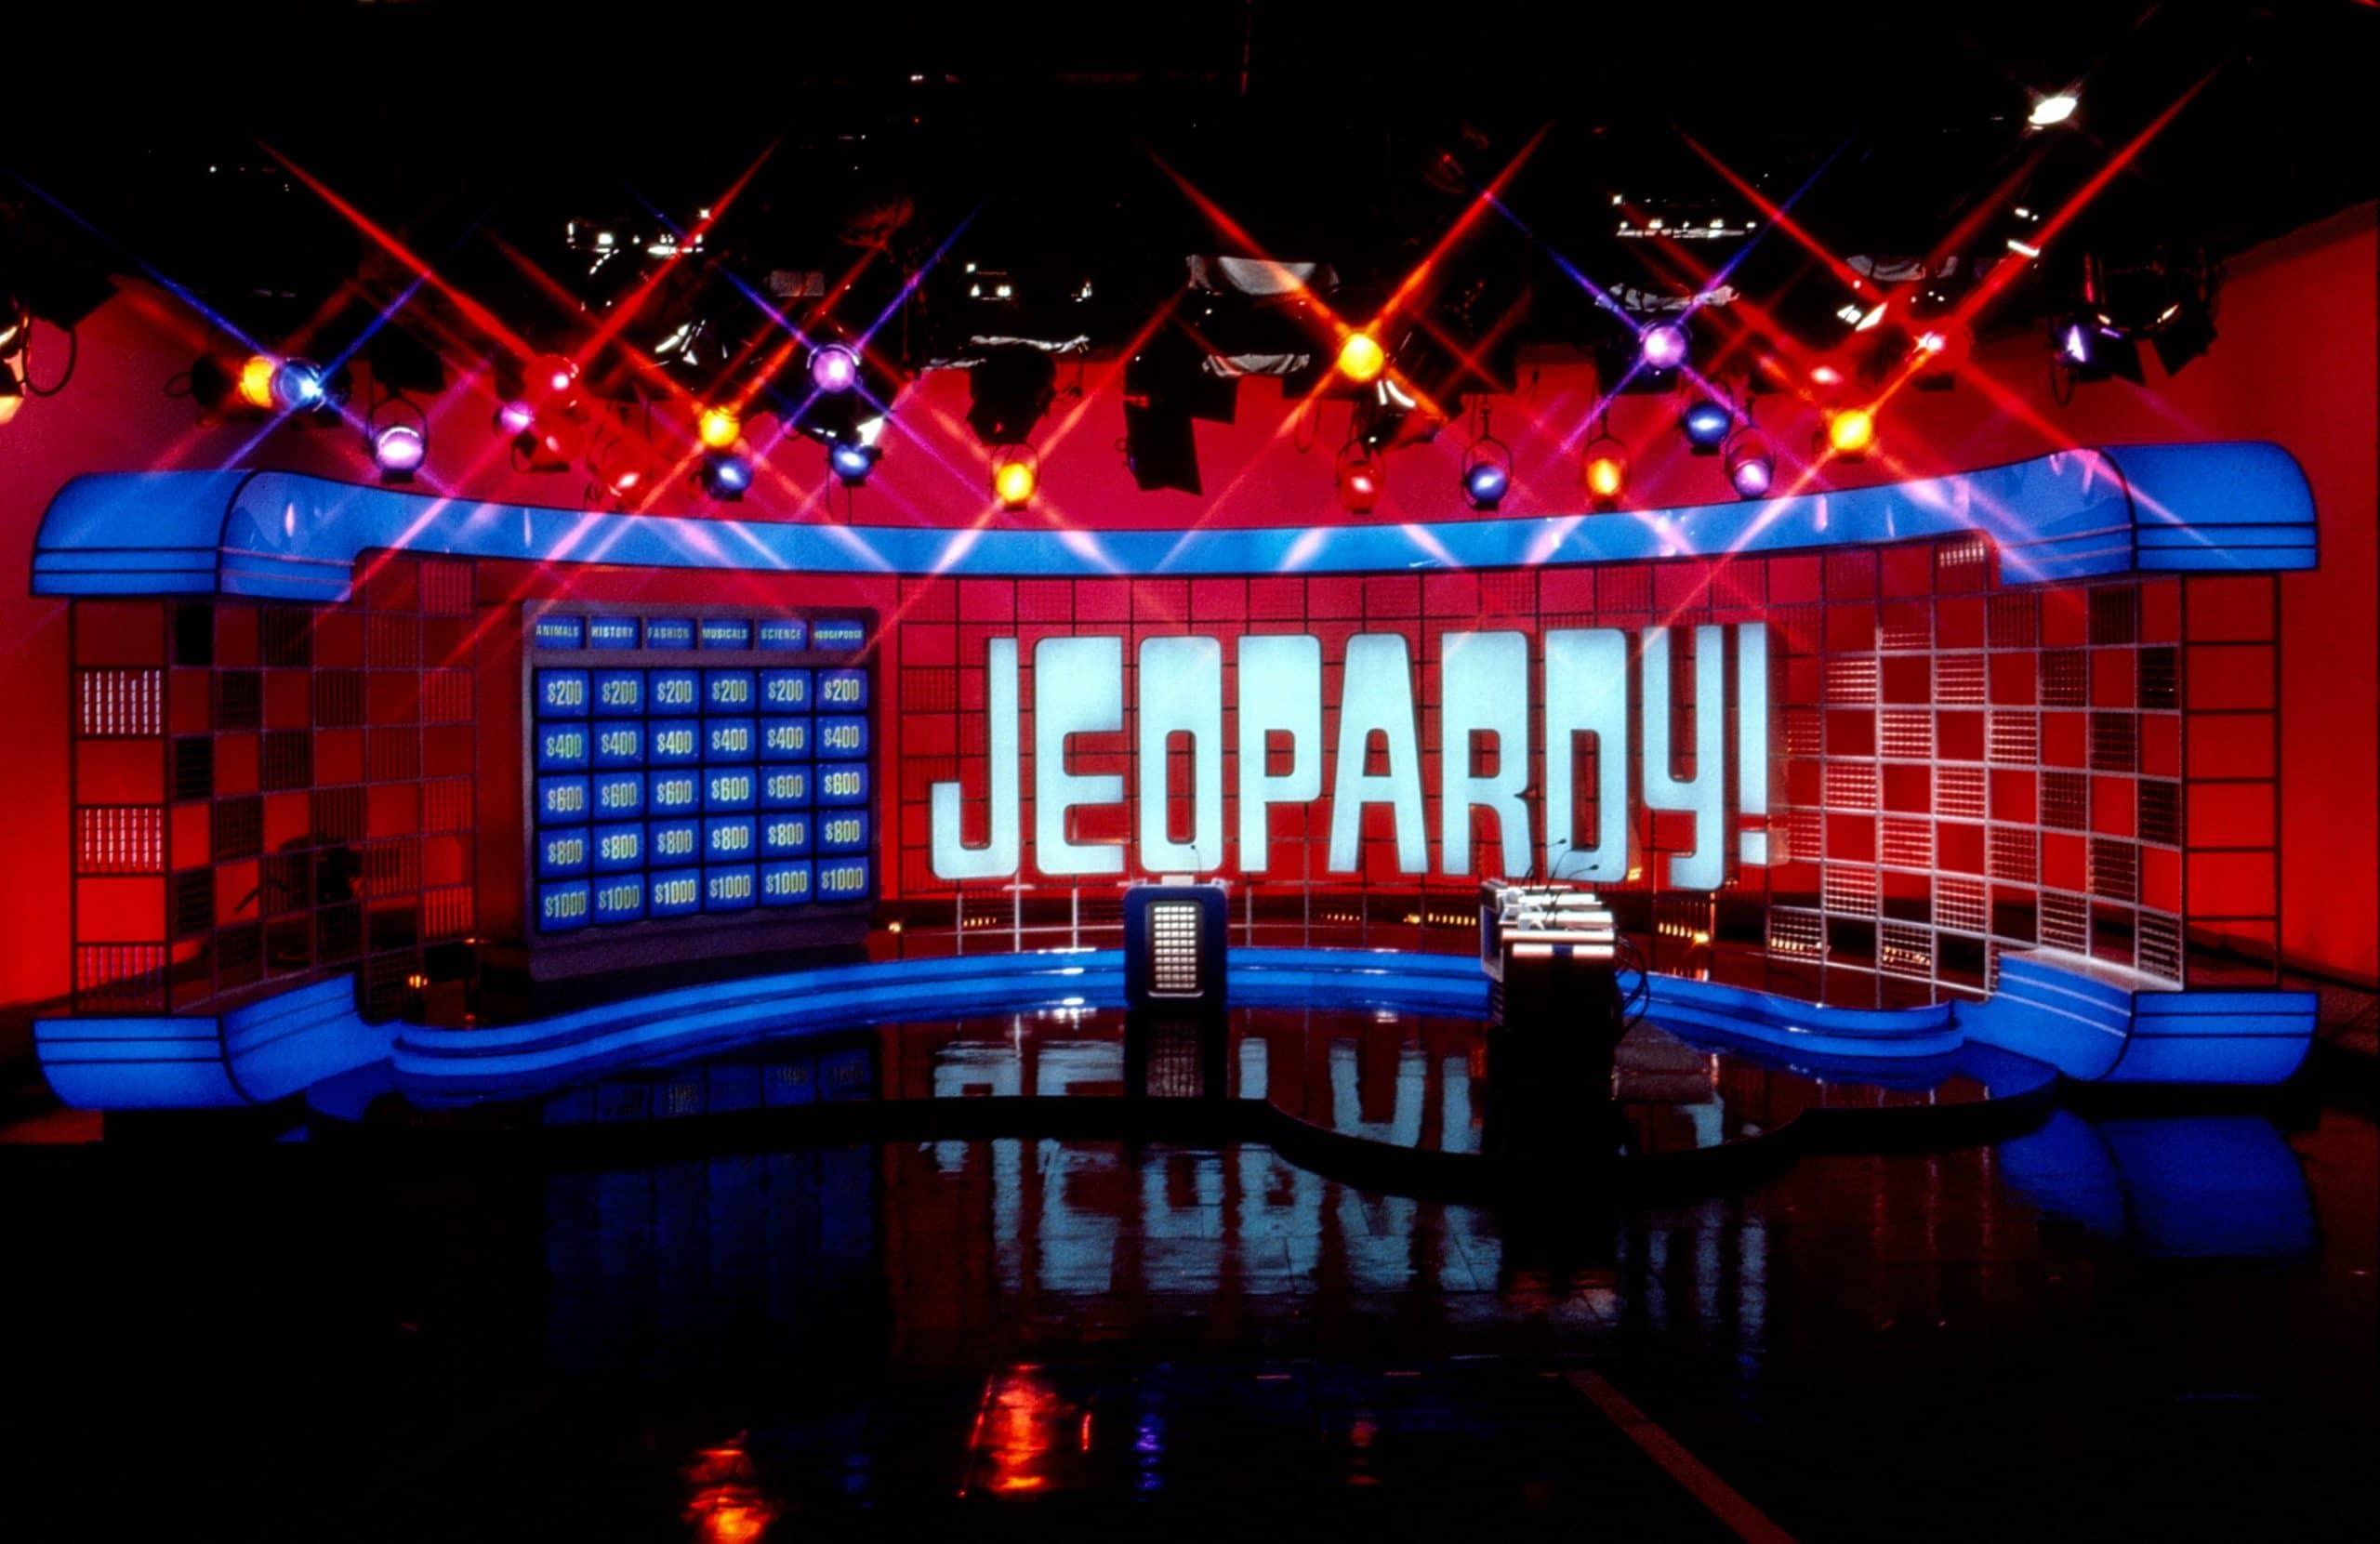 JEOPARDY!, Jeopardy set (2003), 1984-